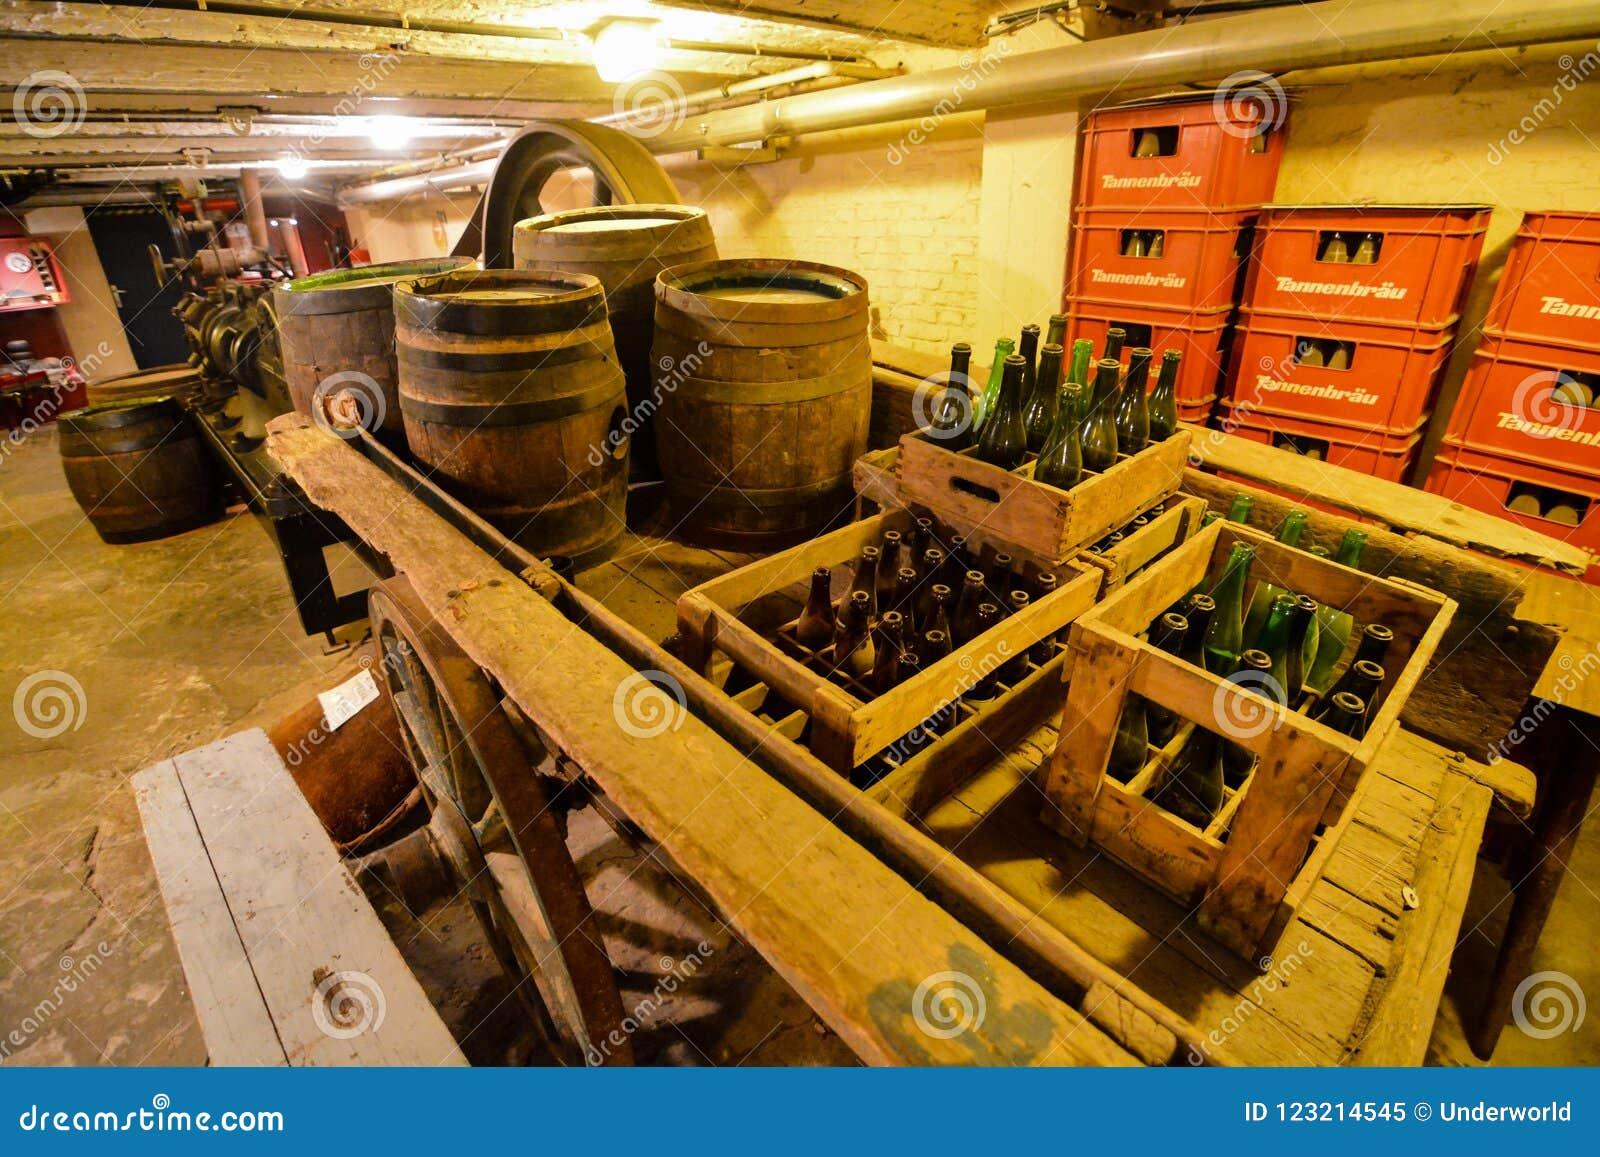 Ausrüstung für die Brauerei